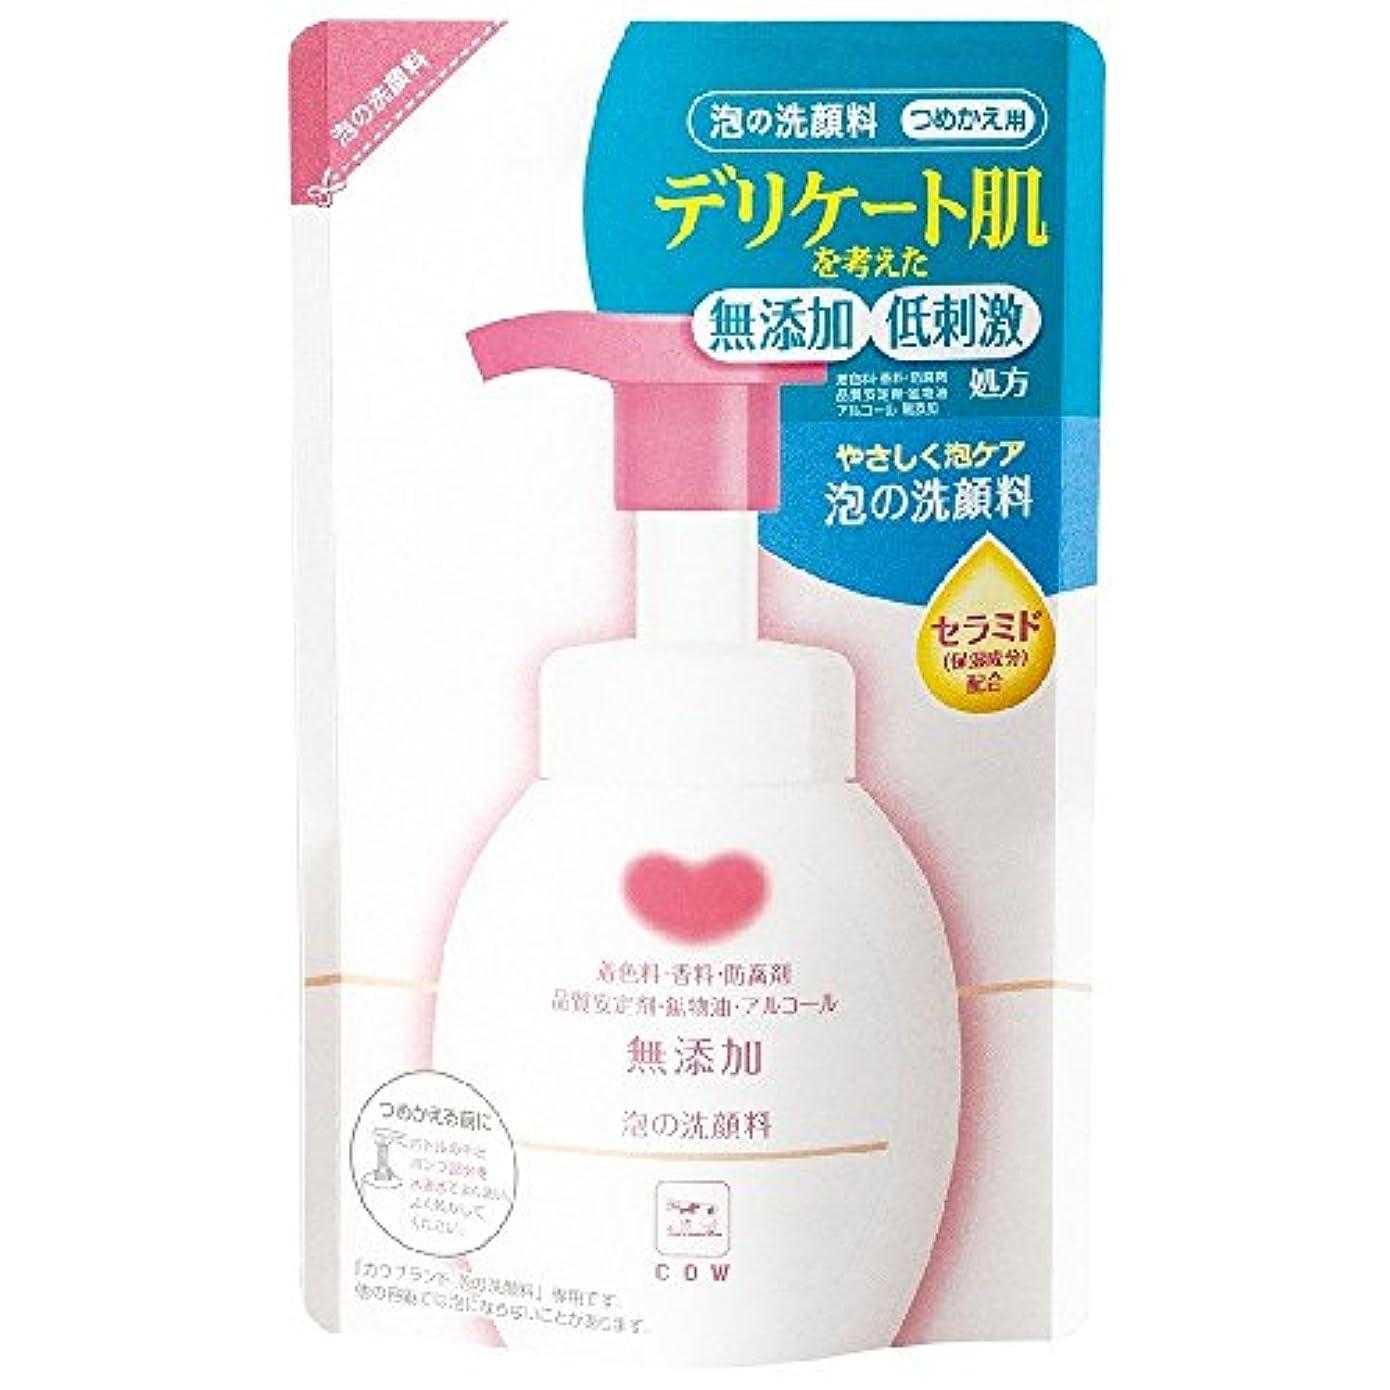 動詞媒染剤に勝るカウブランド 無添加泡の洗顔料 詰替用 180ML